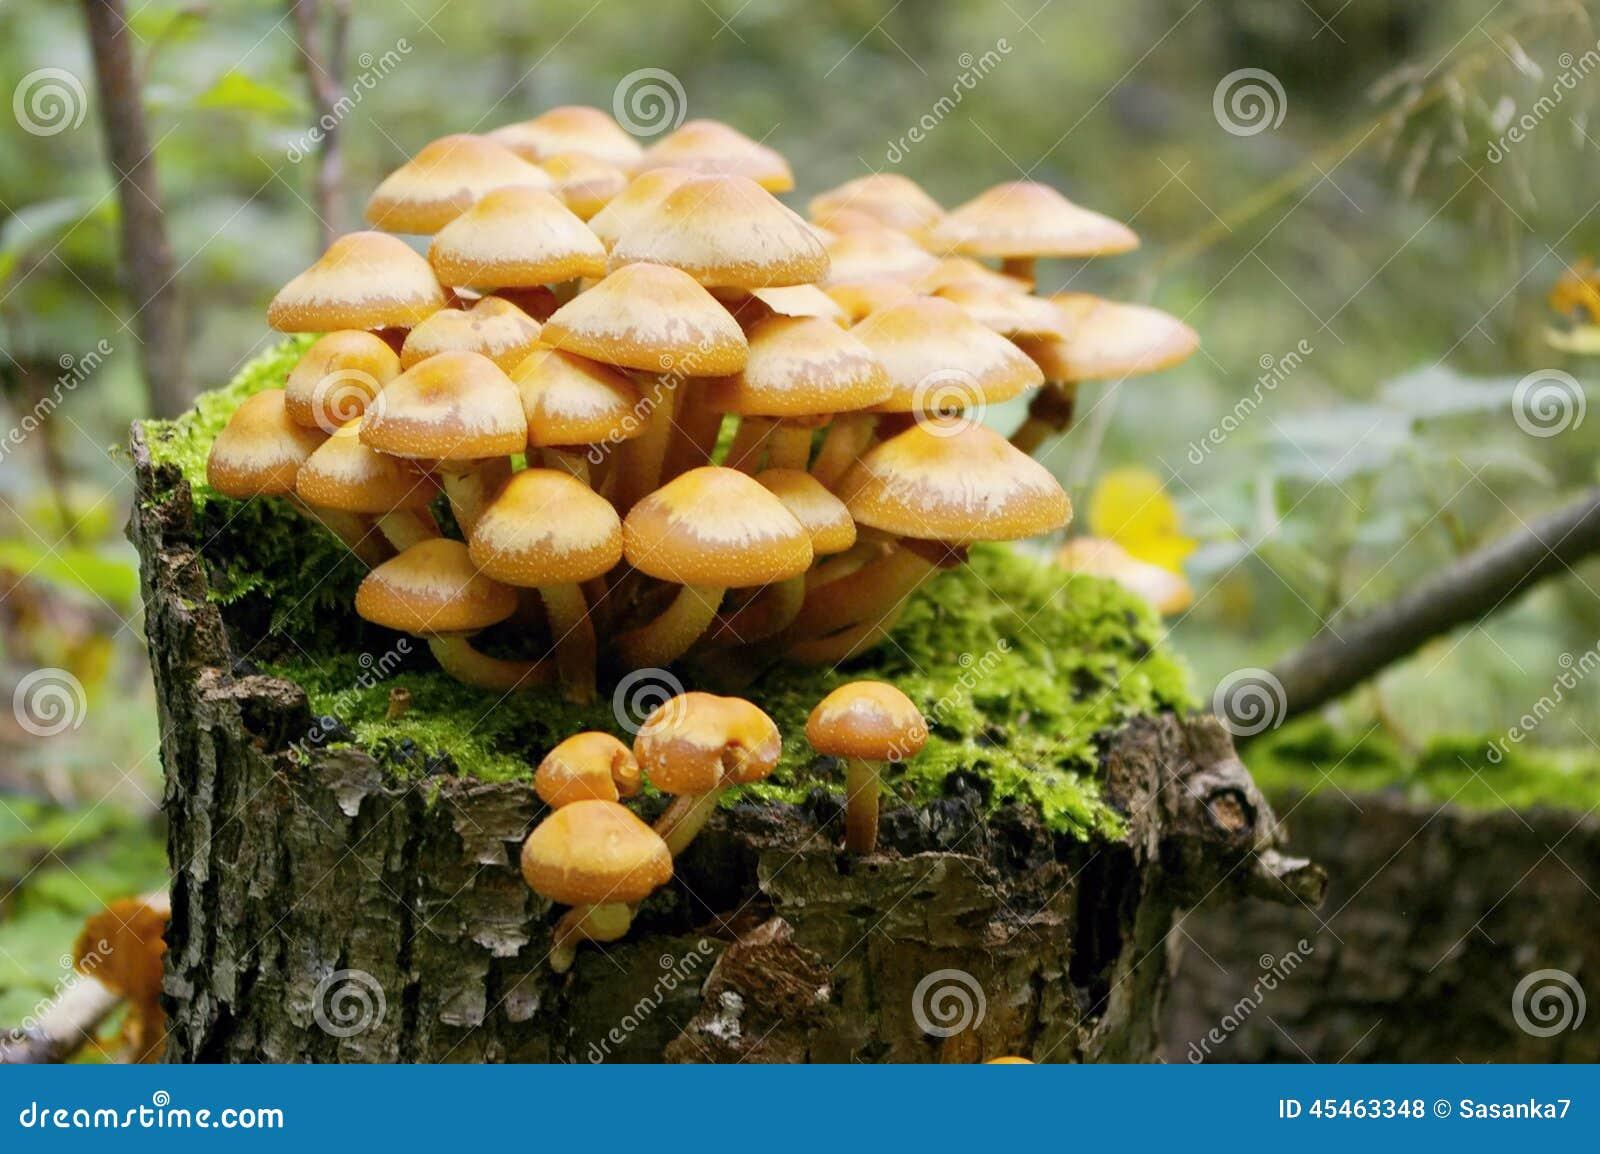 Mushroom on stub